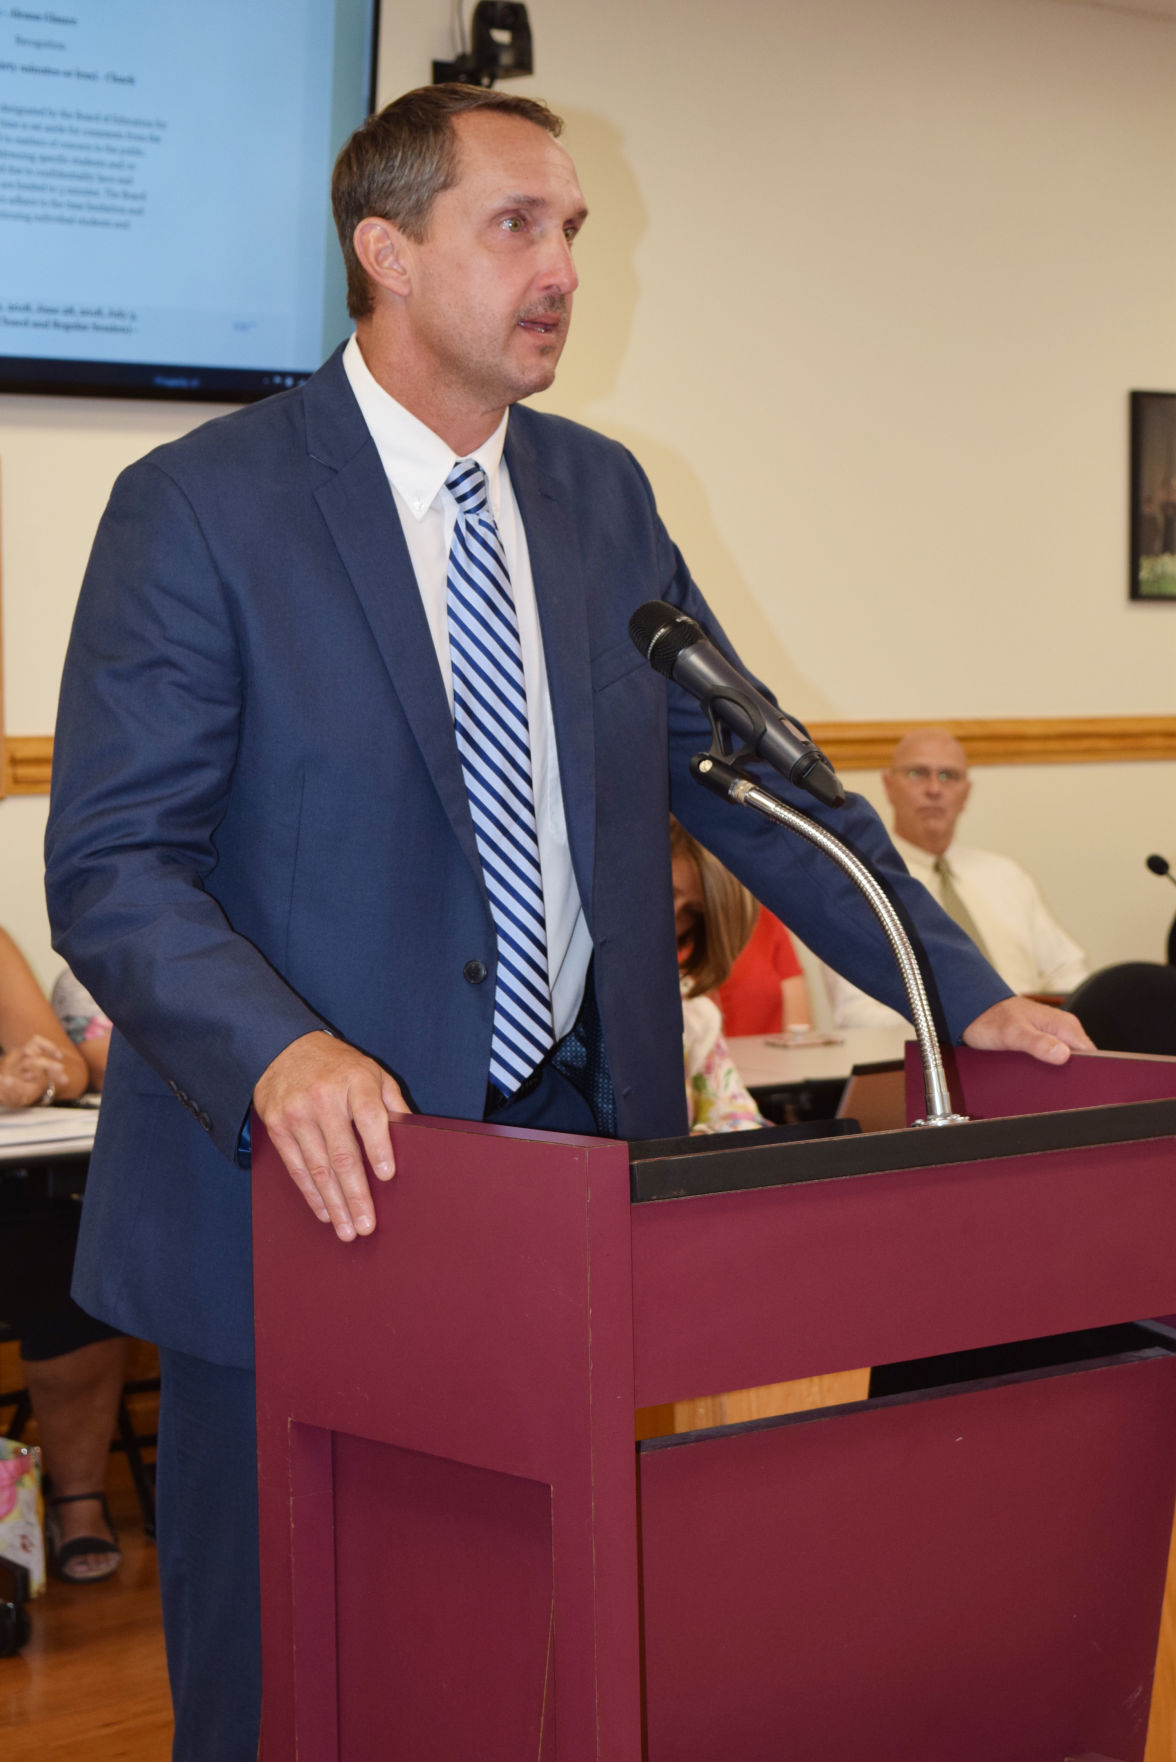 Dr. Trevor Putnam, associate superintendent of support services